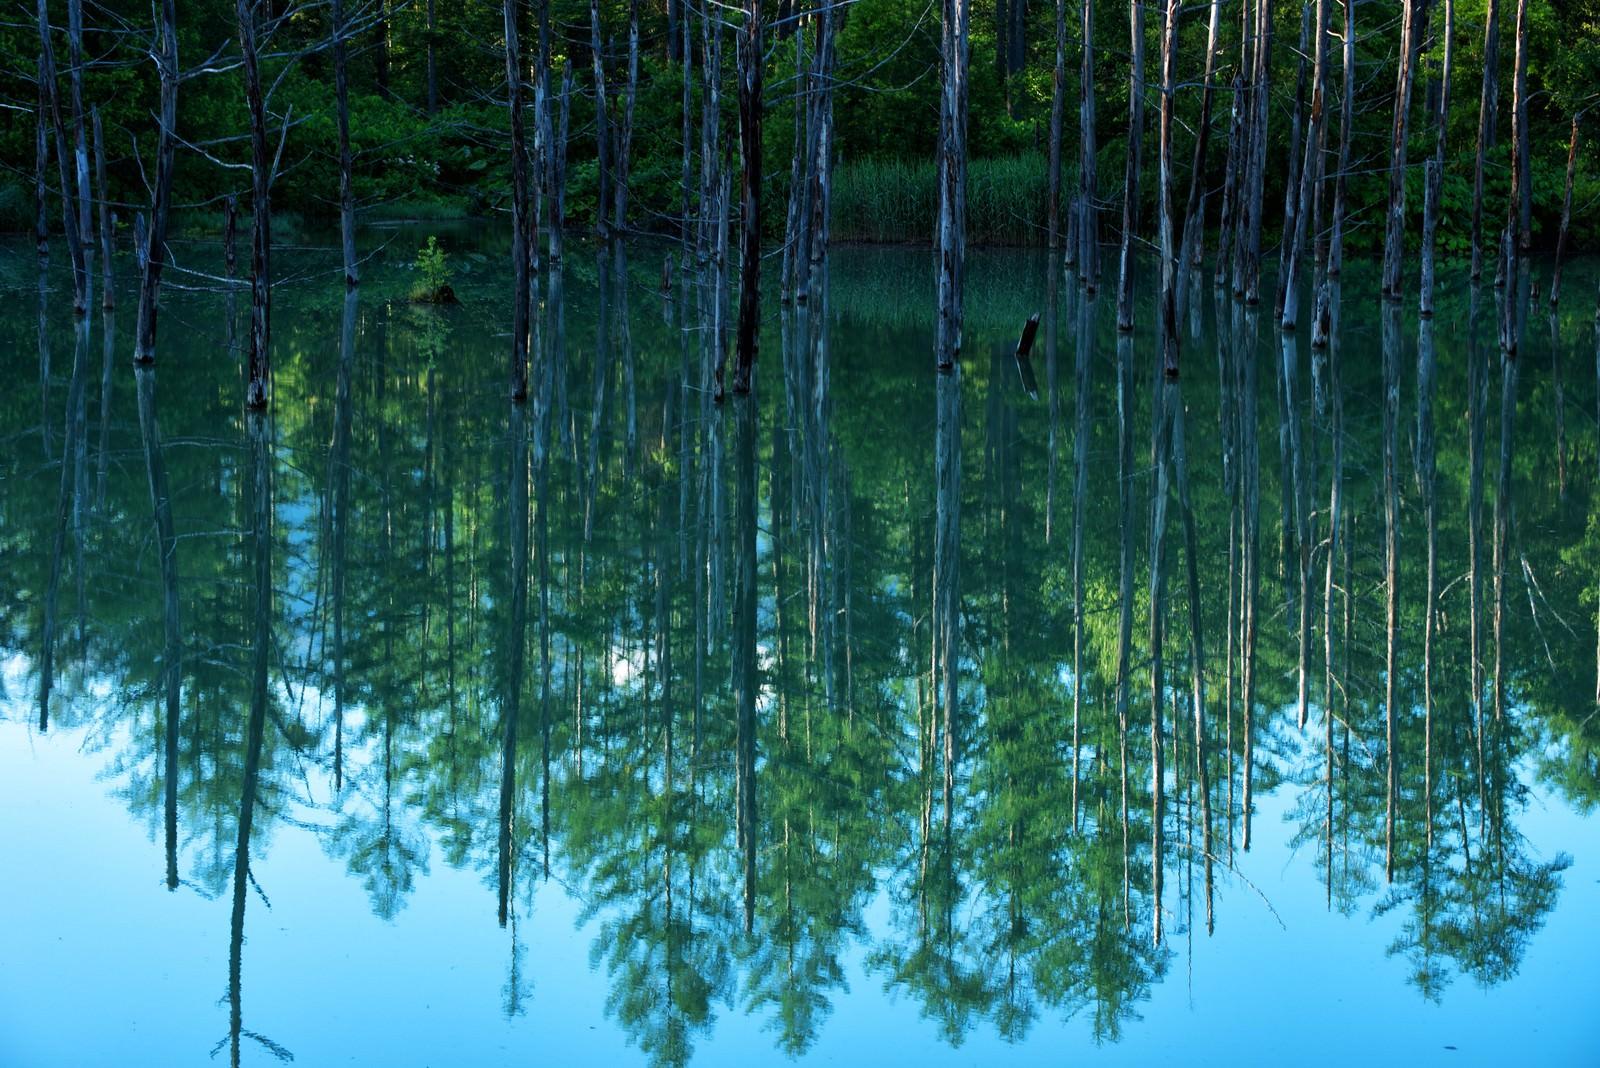 「青池の湖面に映る水鏡」の写真